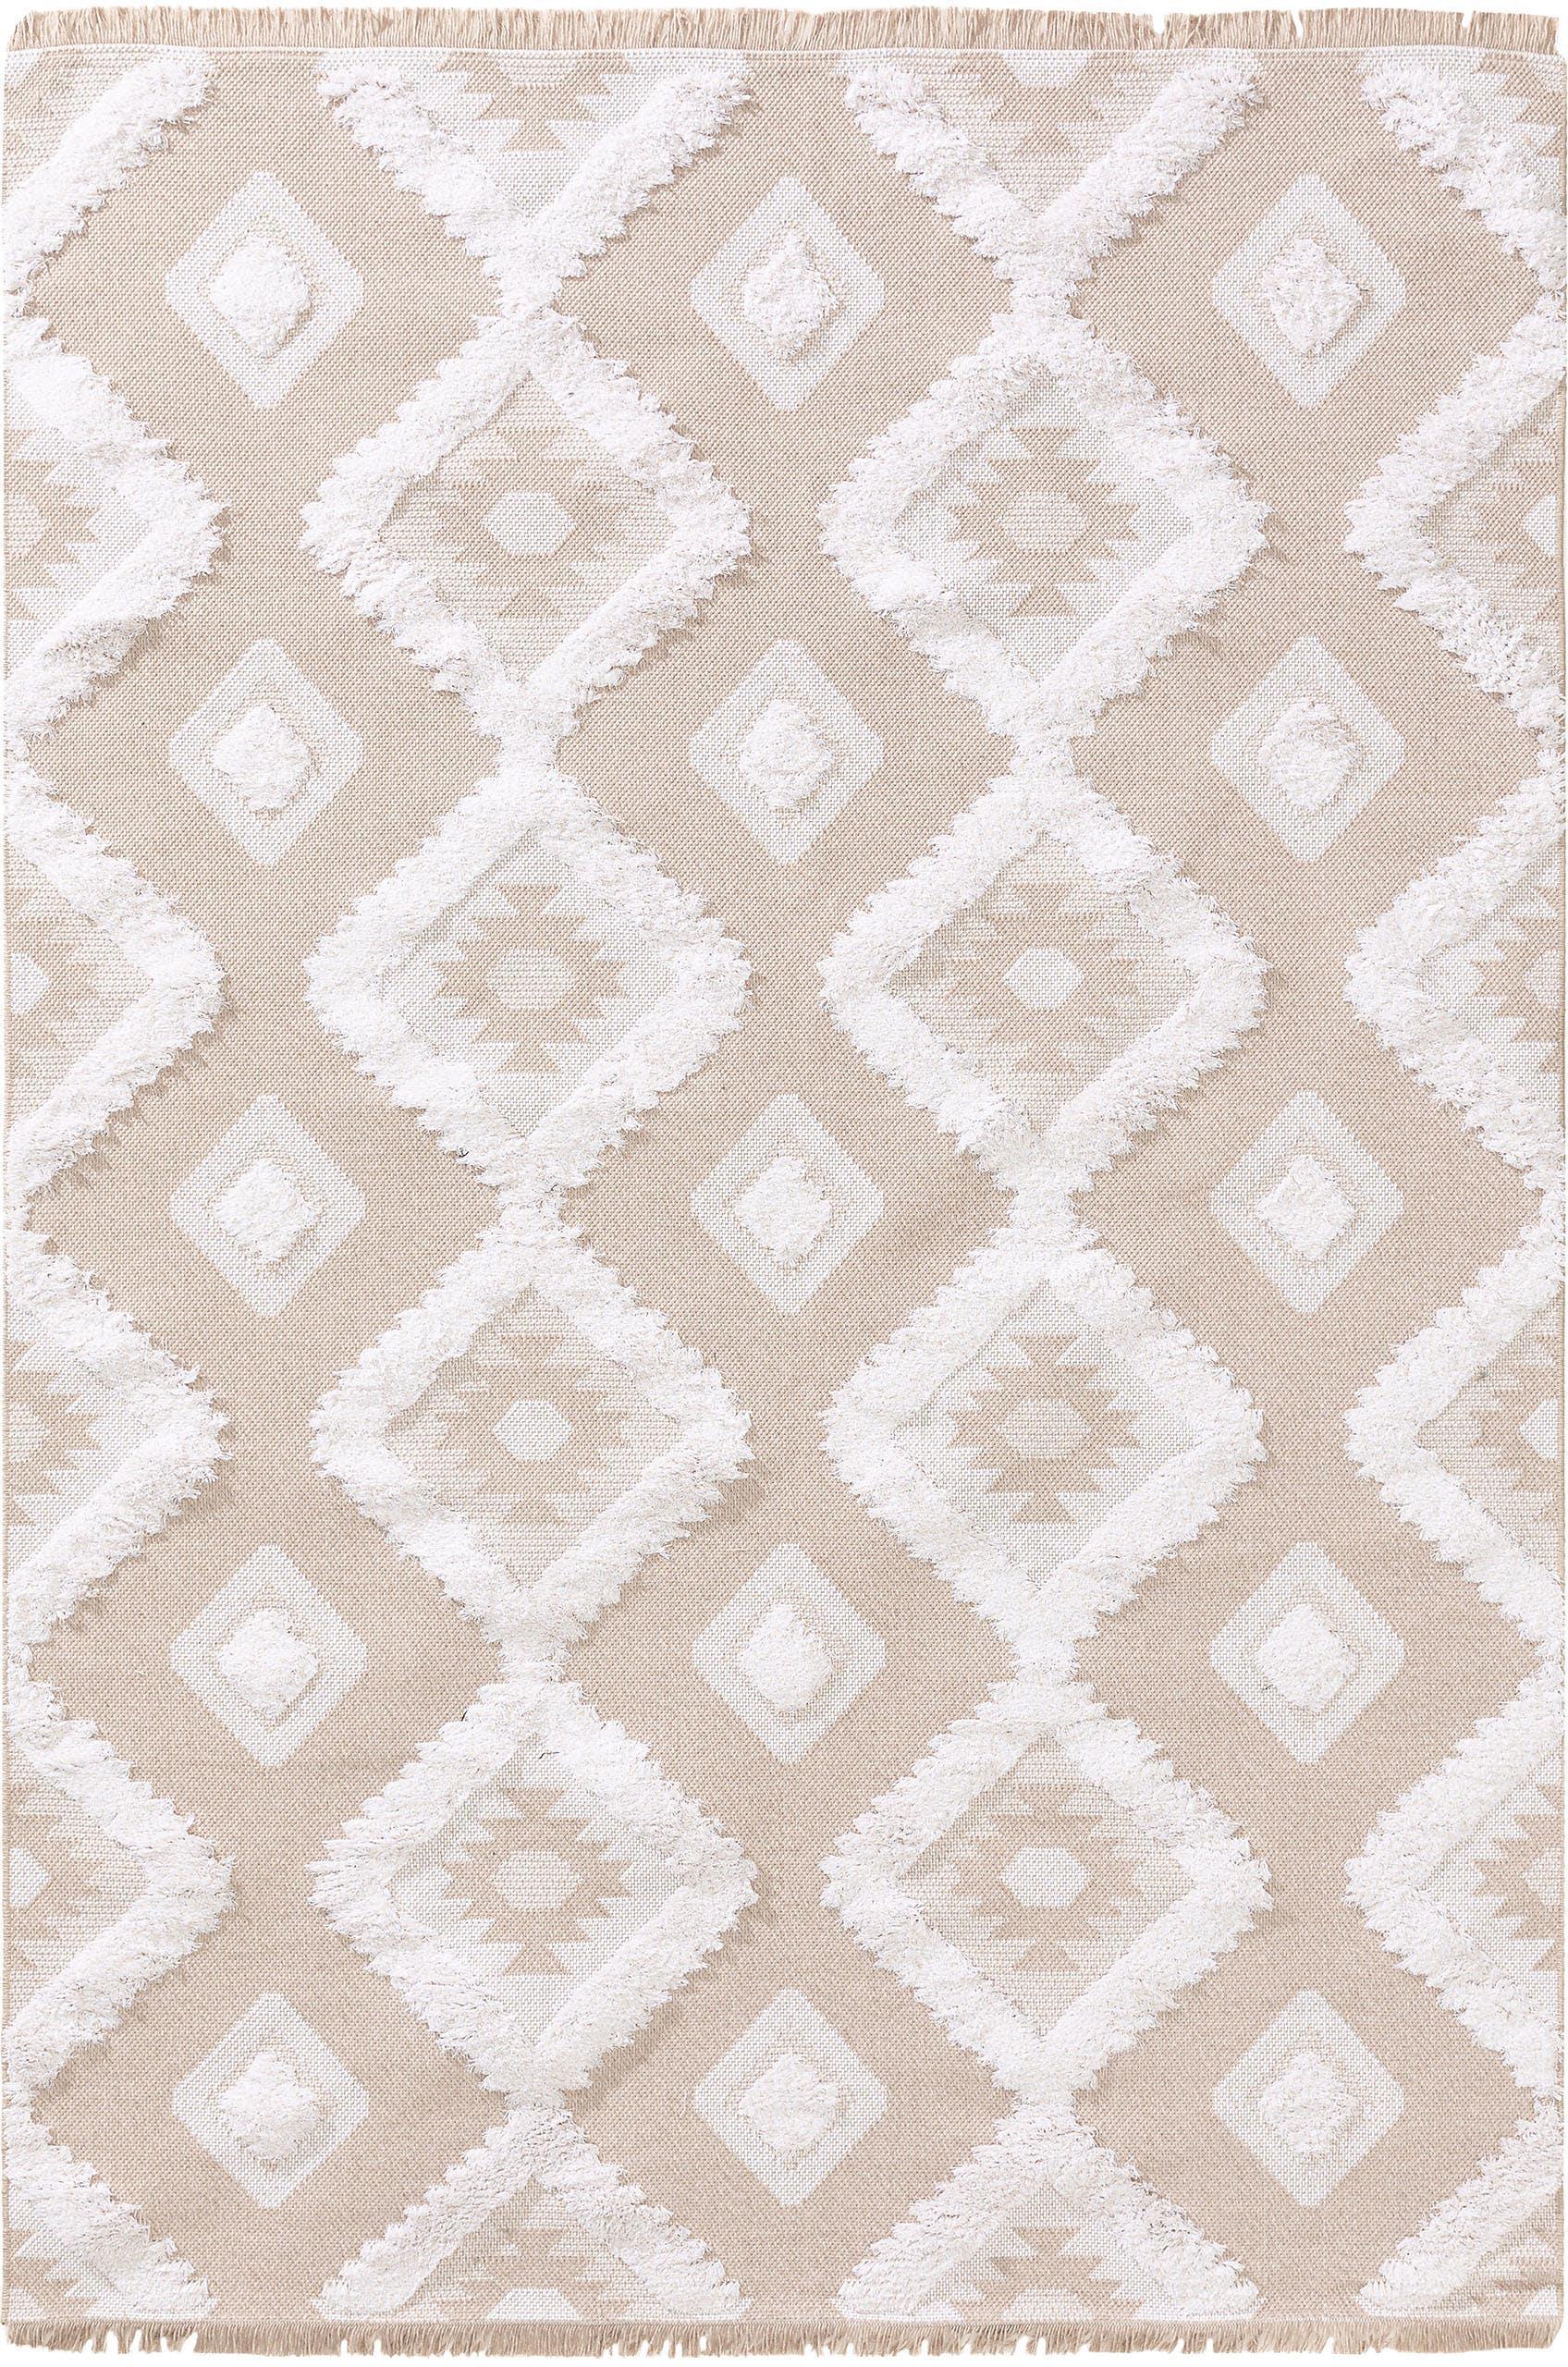 Tappeto in cotone lavato Oslo Squares, 100% cotone, Bianco crema, beige, Larg. 190 x Lung. 280 cm